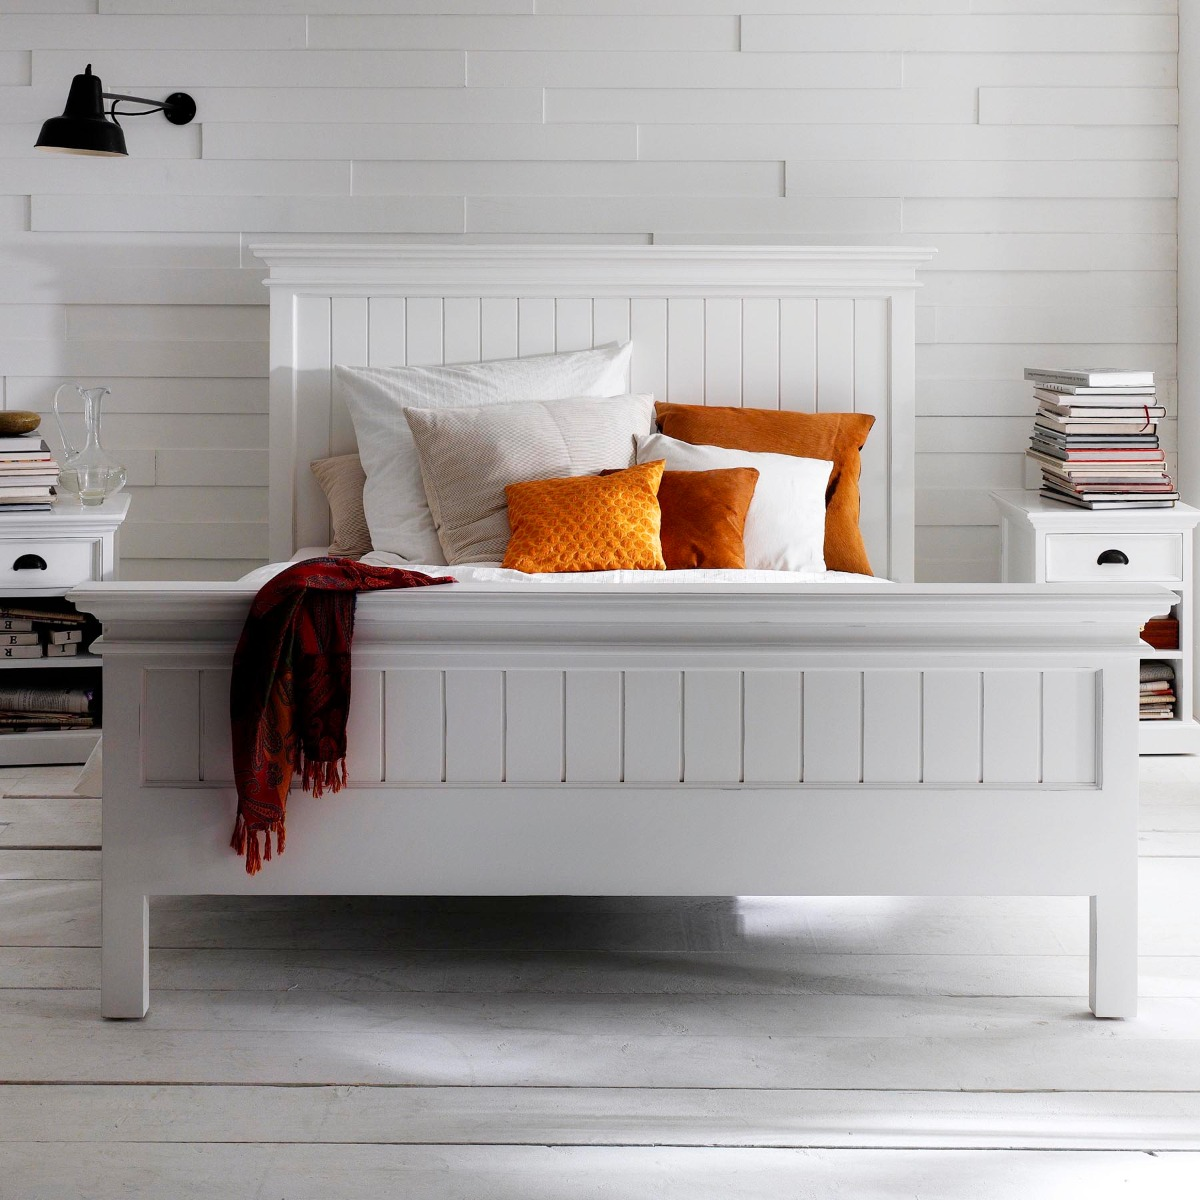 Novasolo Halifax Queen'Bed 160x200 - H125 Cm X B184 Cm X D212.5 Cm - Wit